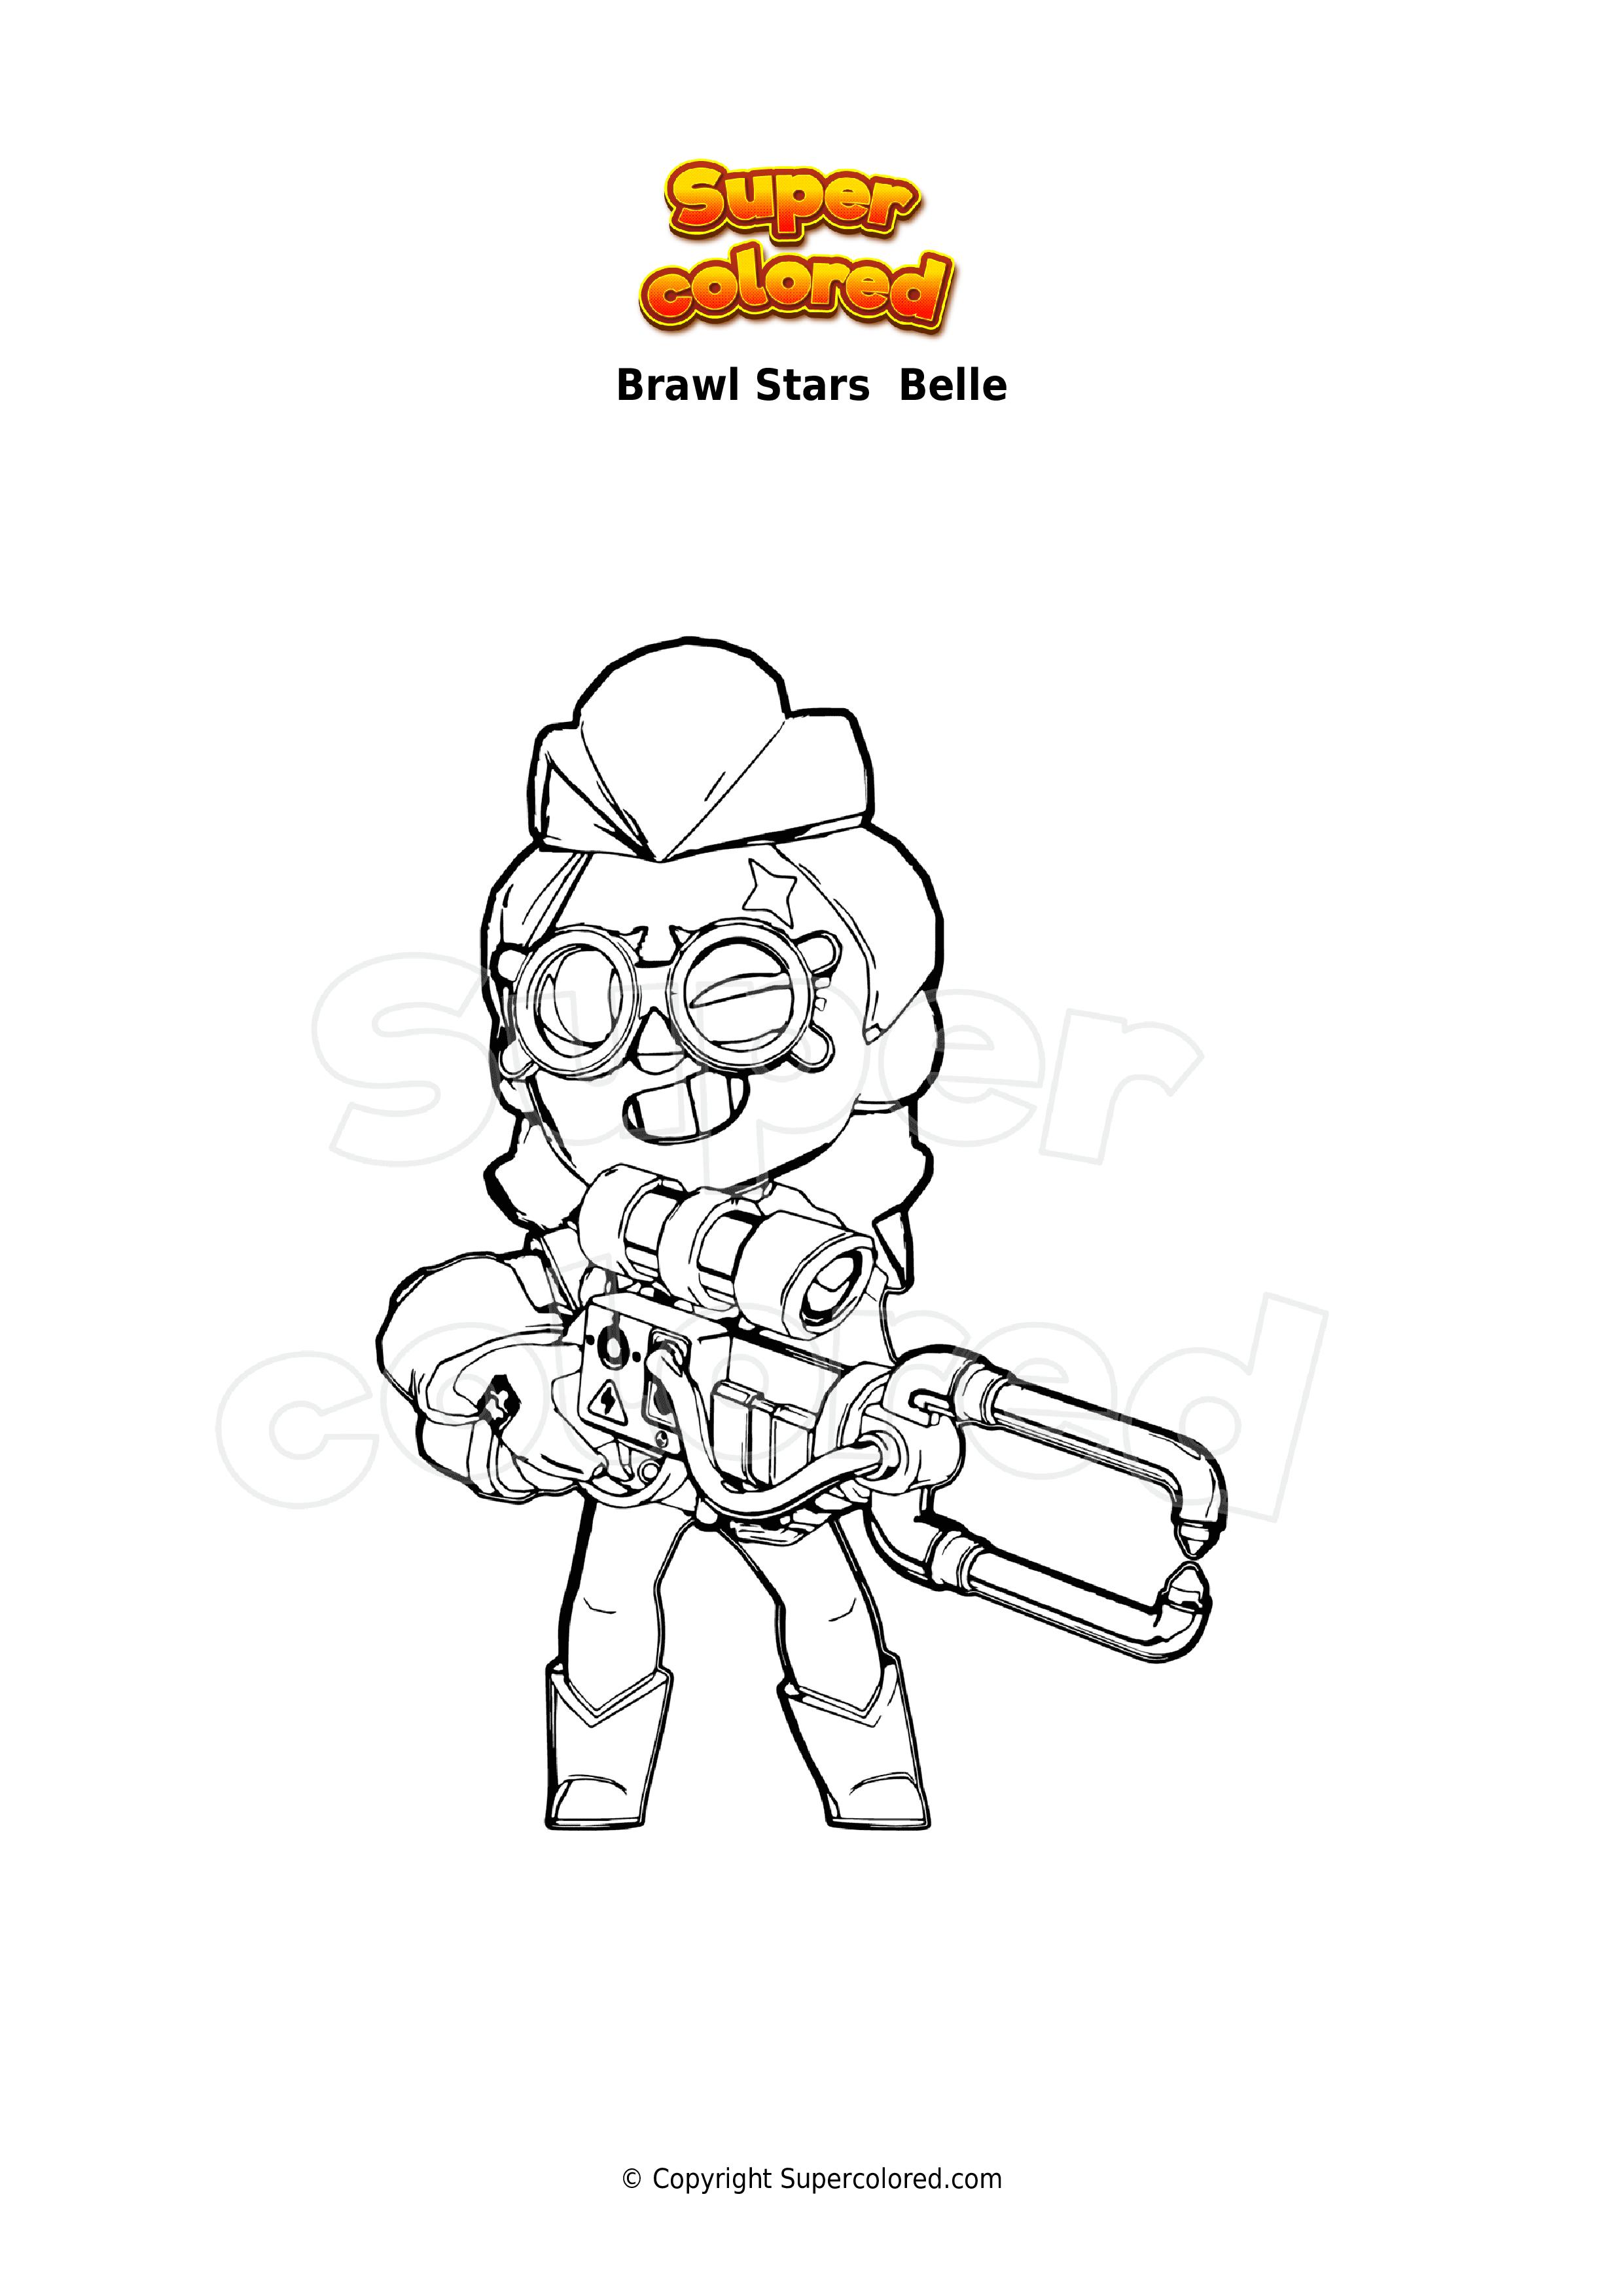 Ausmalbild Brawl Stars Belle - Supercolored.com